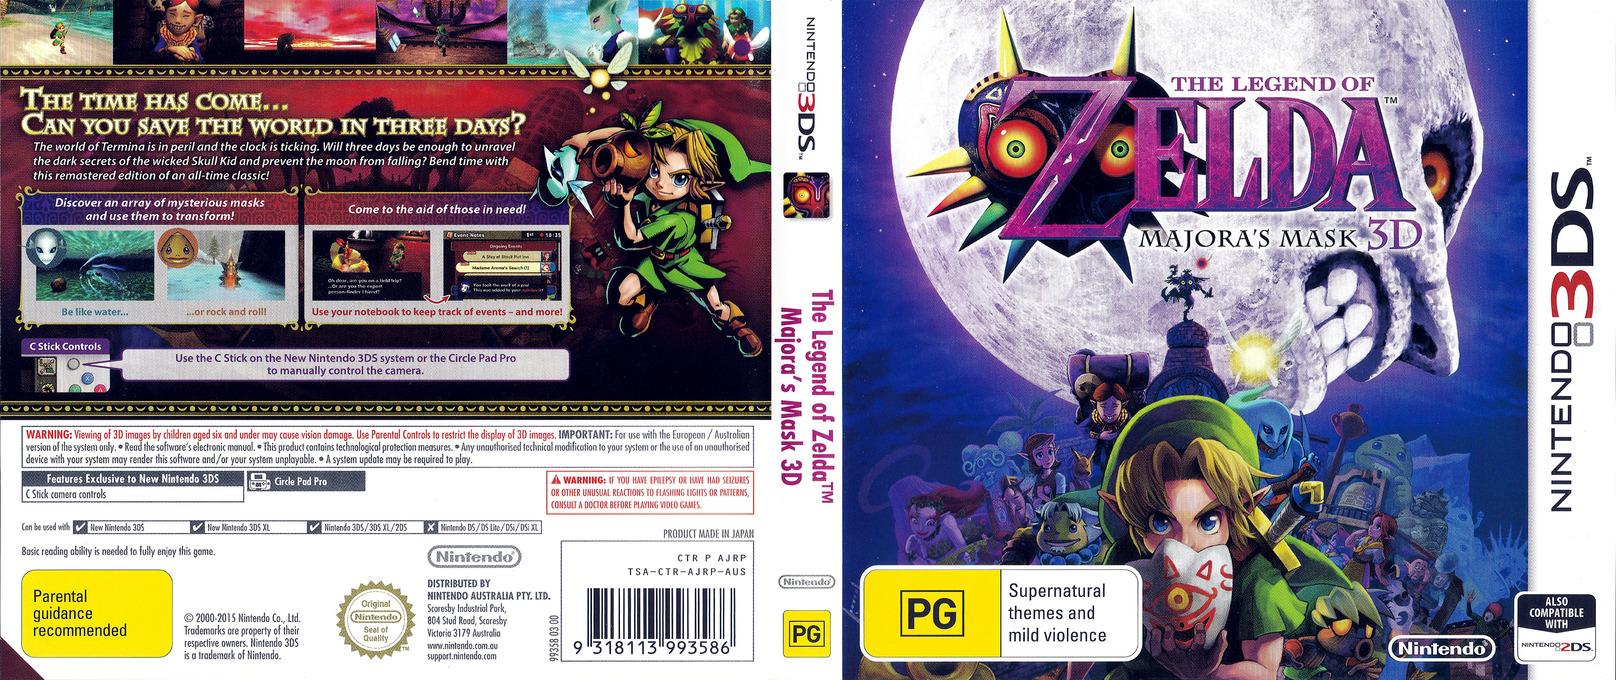 The Legend of Zelda - Majora's Mask 3D 3DS coverfullHQ (AJRP)